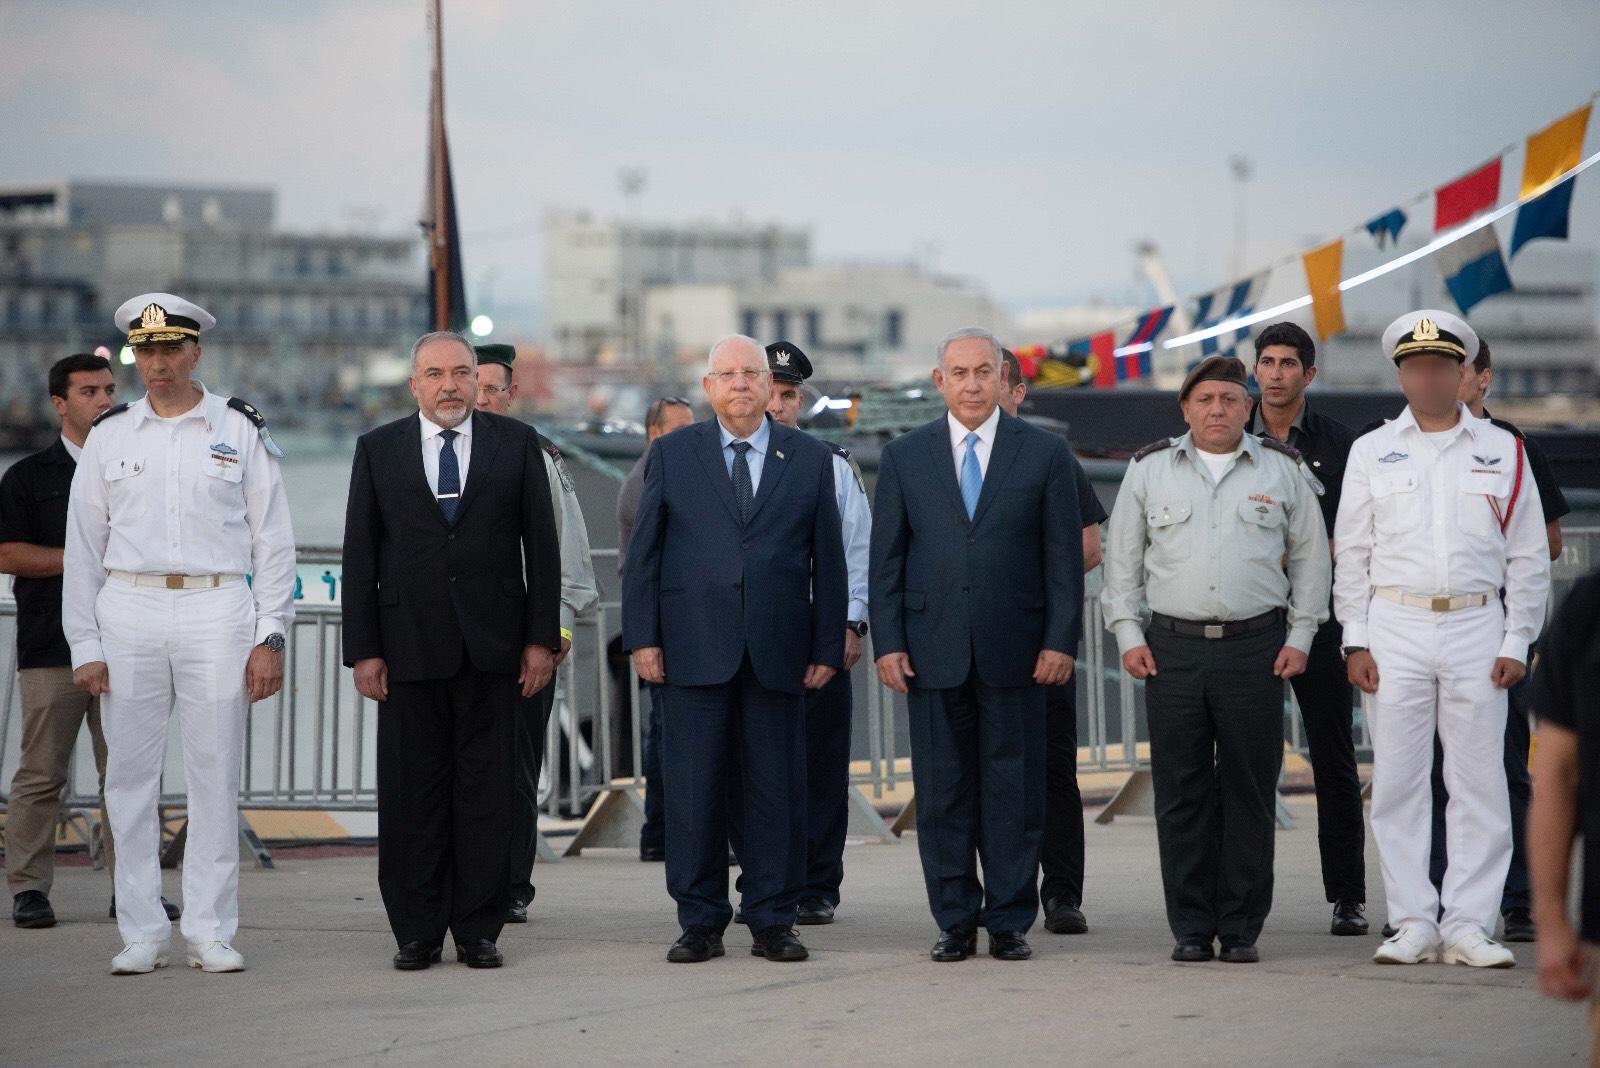 """ראש הממשלה, הרמטכ""""ל ושר הביטחון בטקס הסיום, צילום: באדיבות דובר צה""""ל"""